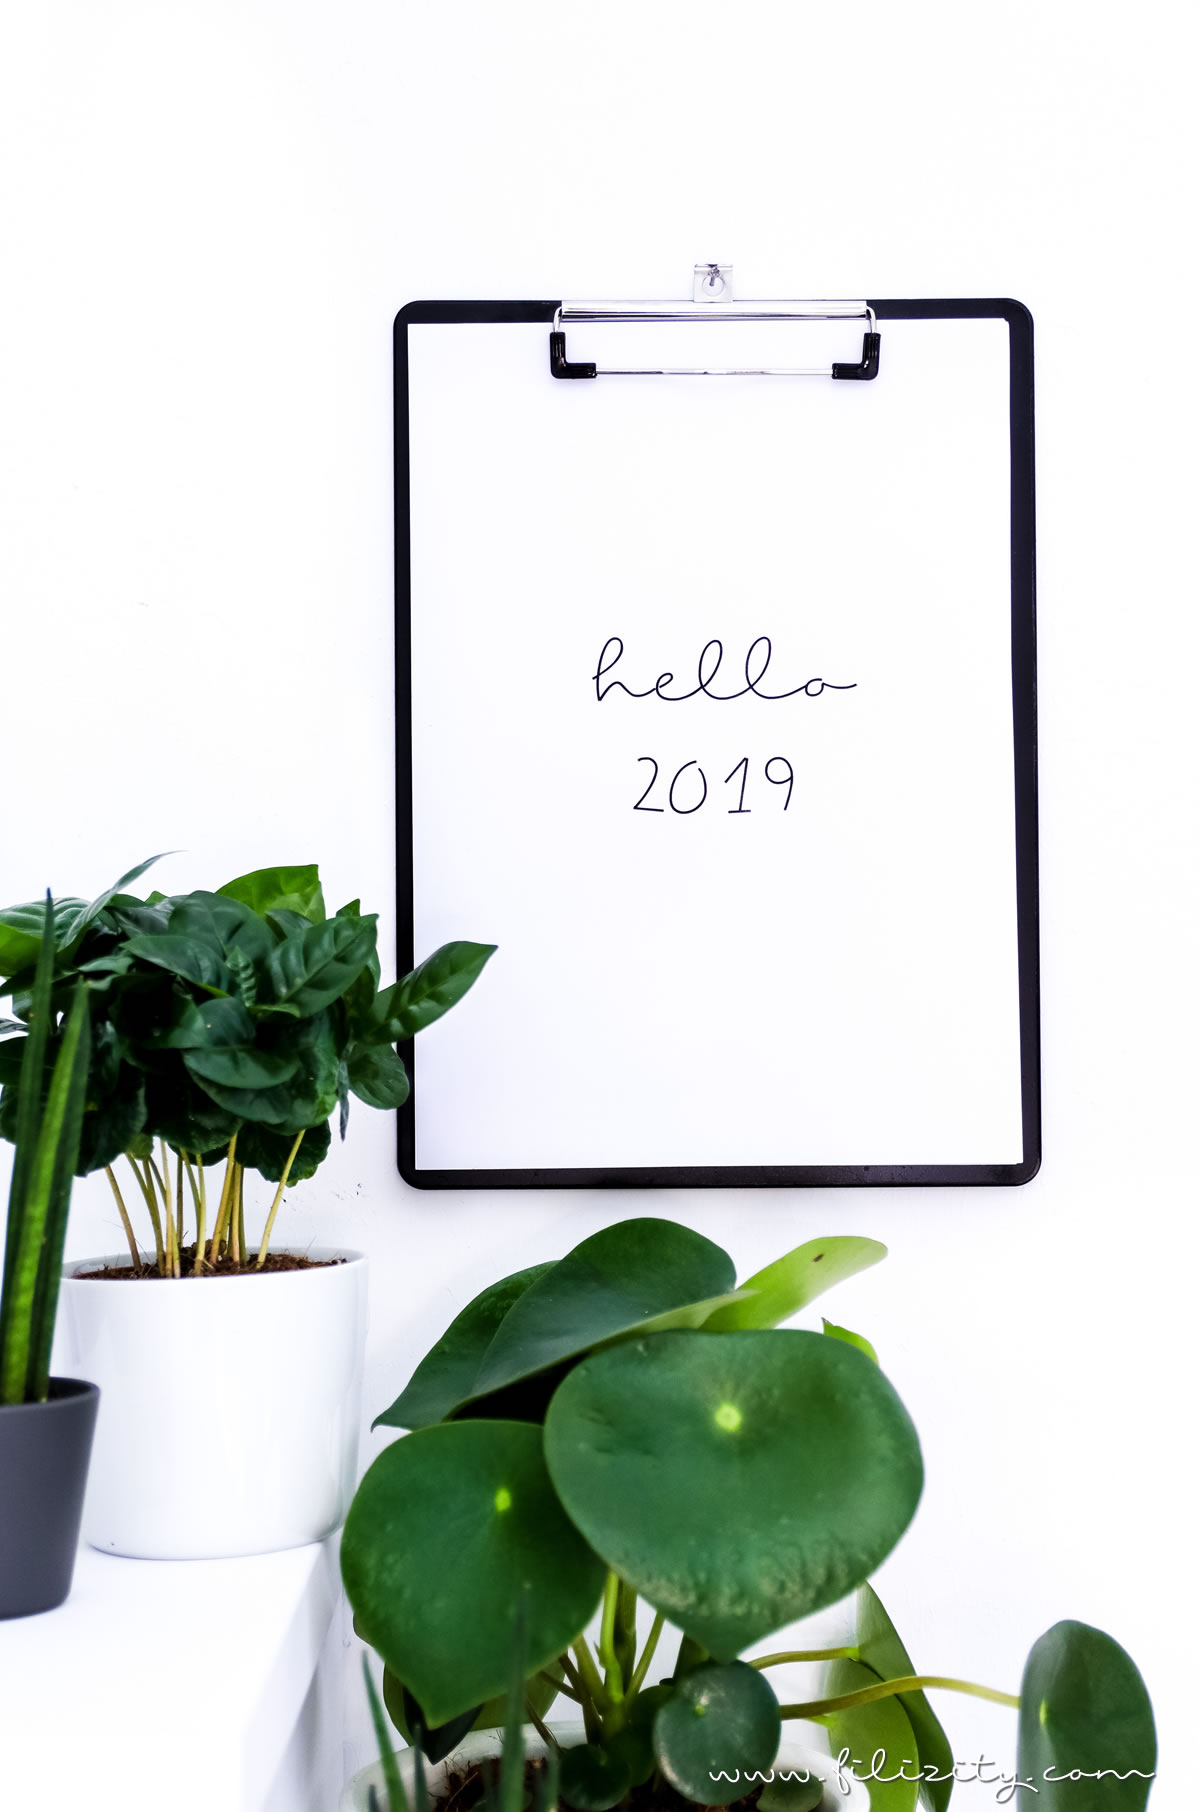 Druckvorlage für den minimalistischen Kalender 2019 (mit oder ohne Feiertage) | Filizity.com | Interior- & DIY-Blog aus dem Rheinland #calendar #kalender #printable